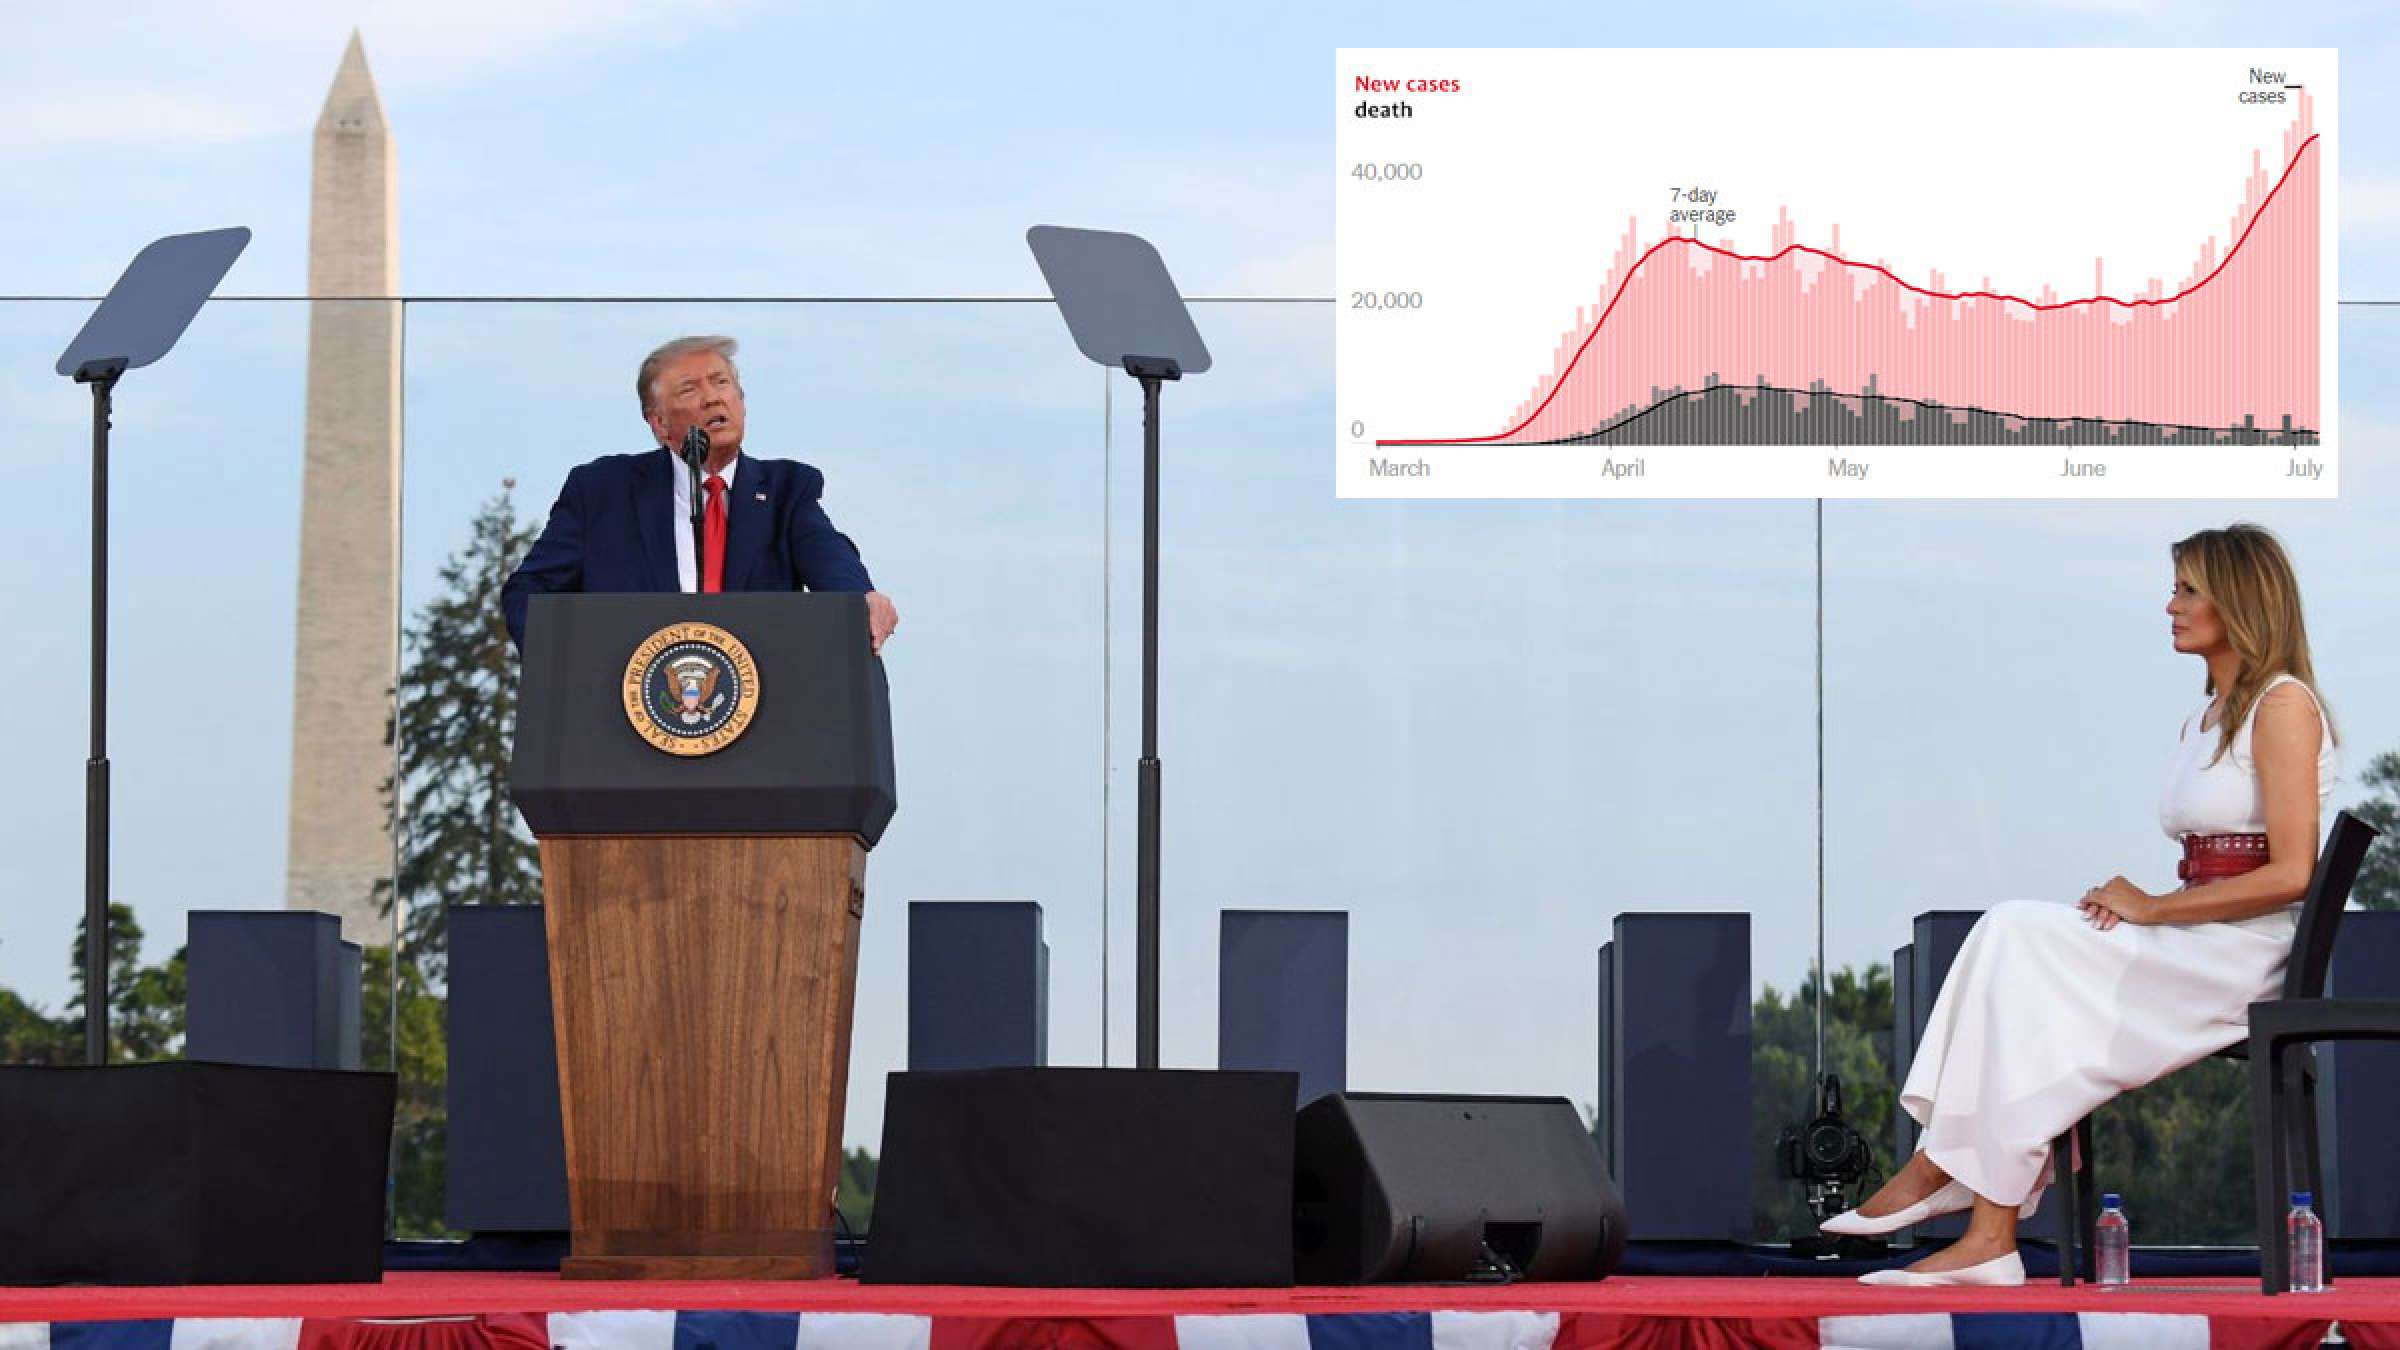 اخبار-آمریکا-ترامپ-کرونا-۹۹-کاملا-بی-ضرر-است